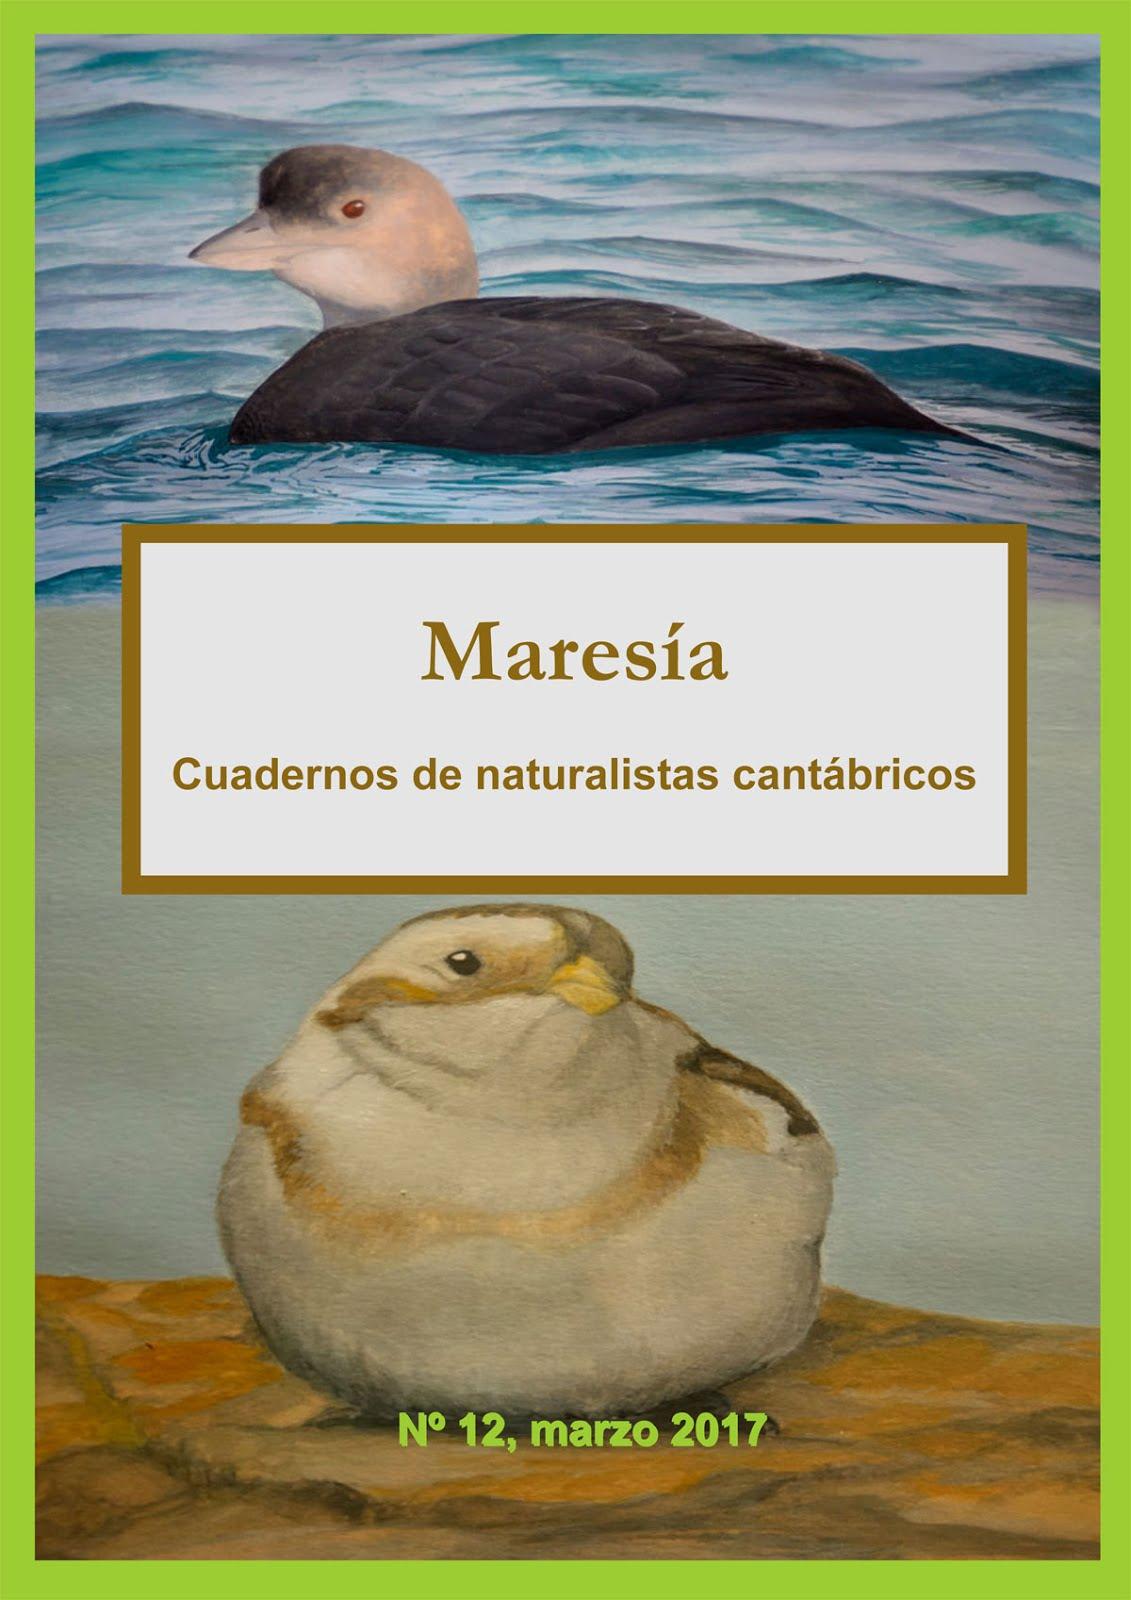 Maresía 12